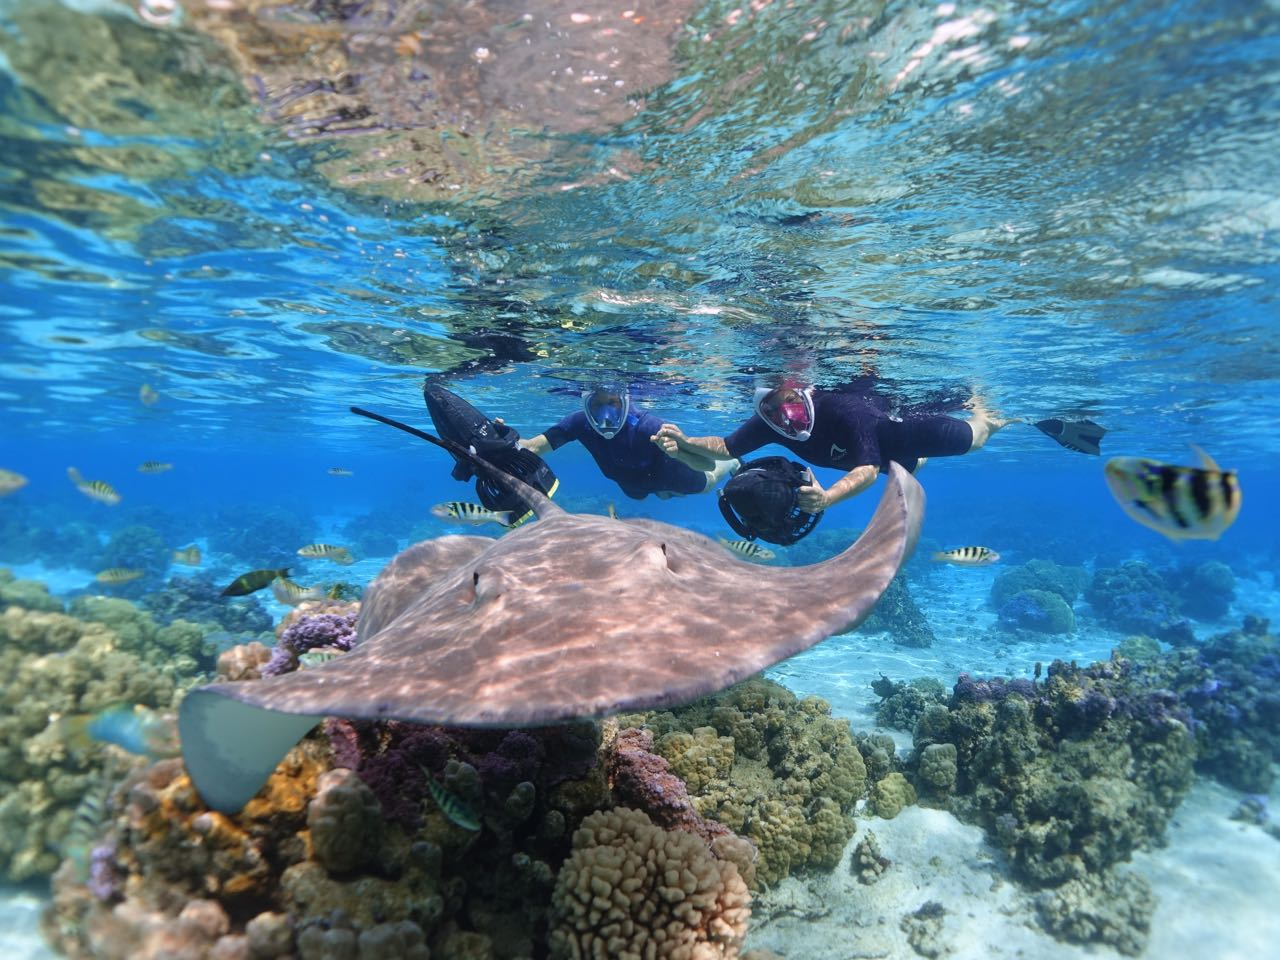 https://tahititourisme.de/wp-content/uploads/2020/09/Sea-Scooter-Snorkeling-Tour-à-moorea-copie-2.jpg